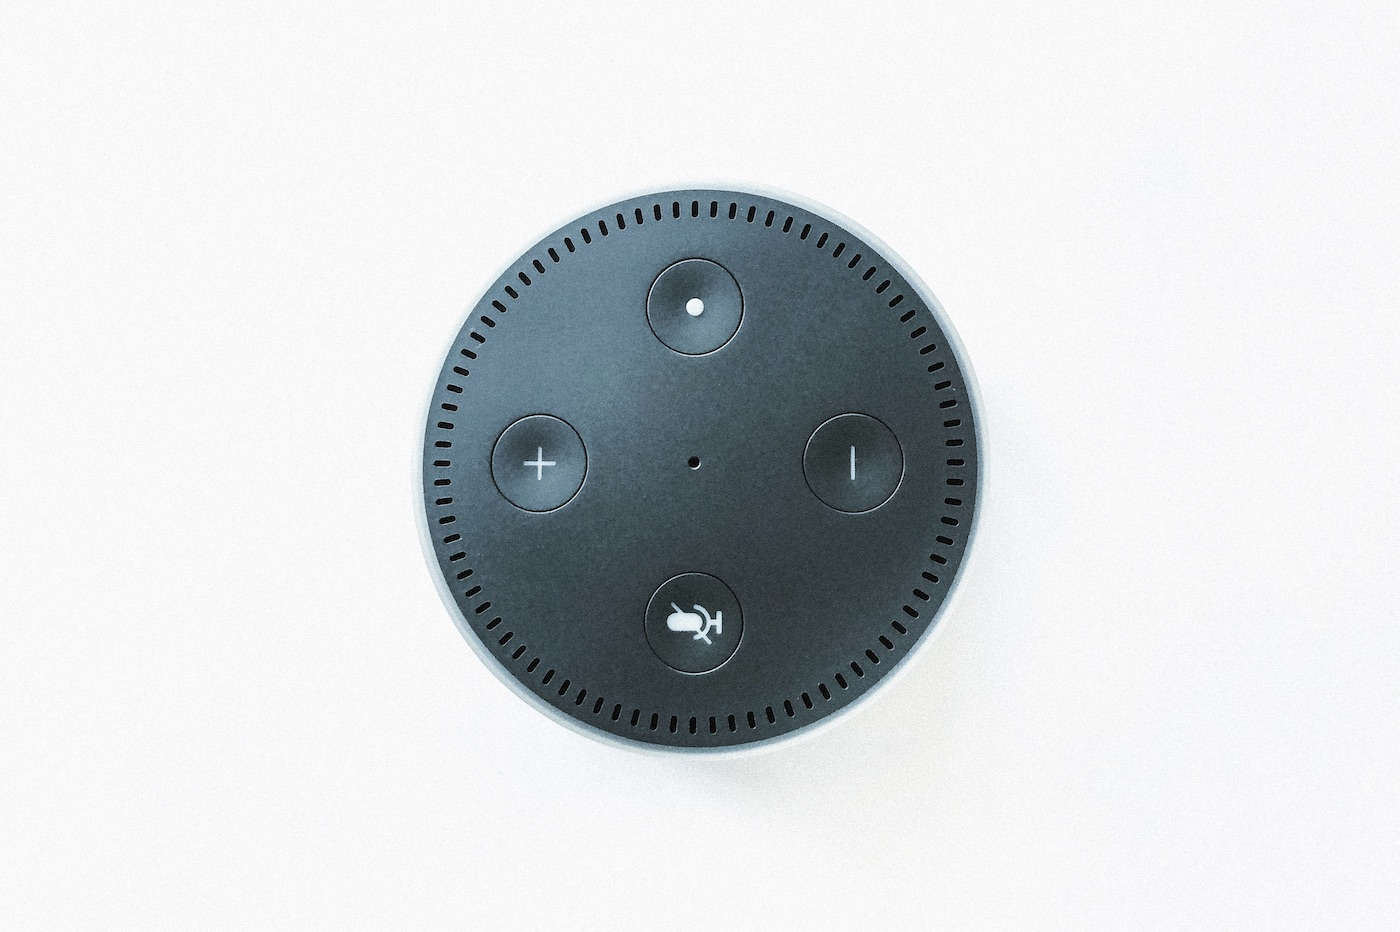 Amazon confirme : Alexa stocke les voix de ses utilisateurs sans limite de temps 1